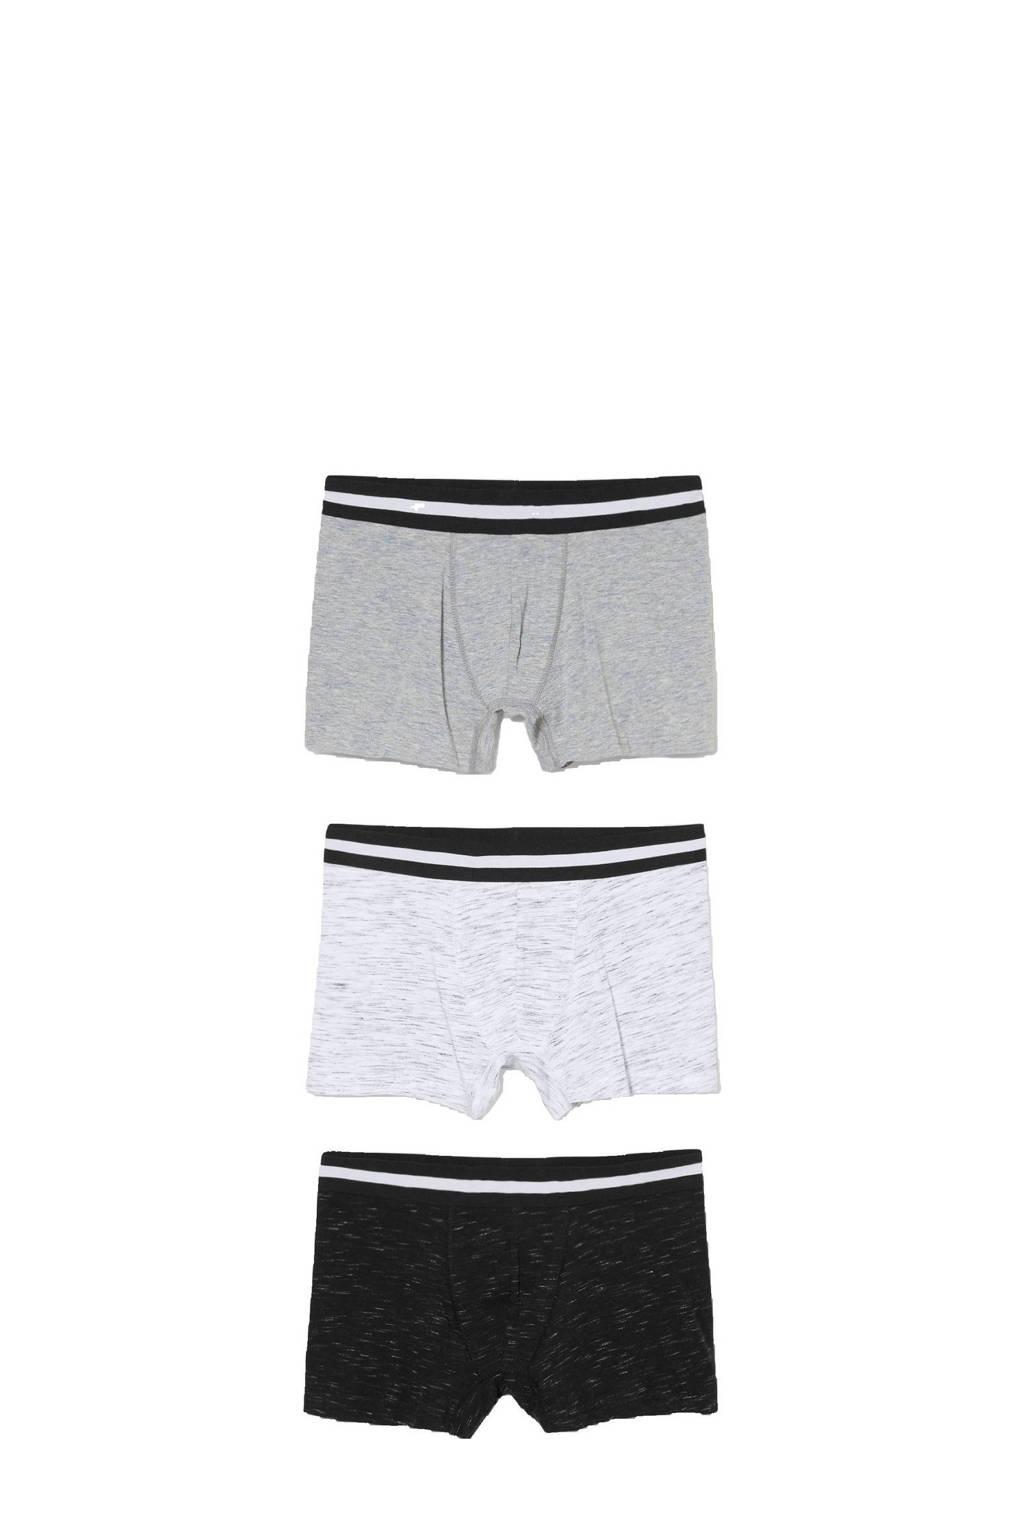 C&A Angelo Litrico boxershort (set van 3), Zwart/grijs/wit